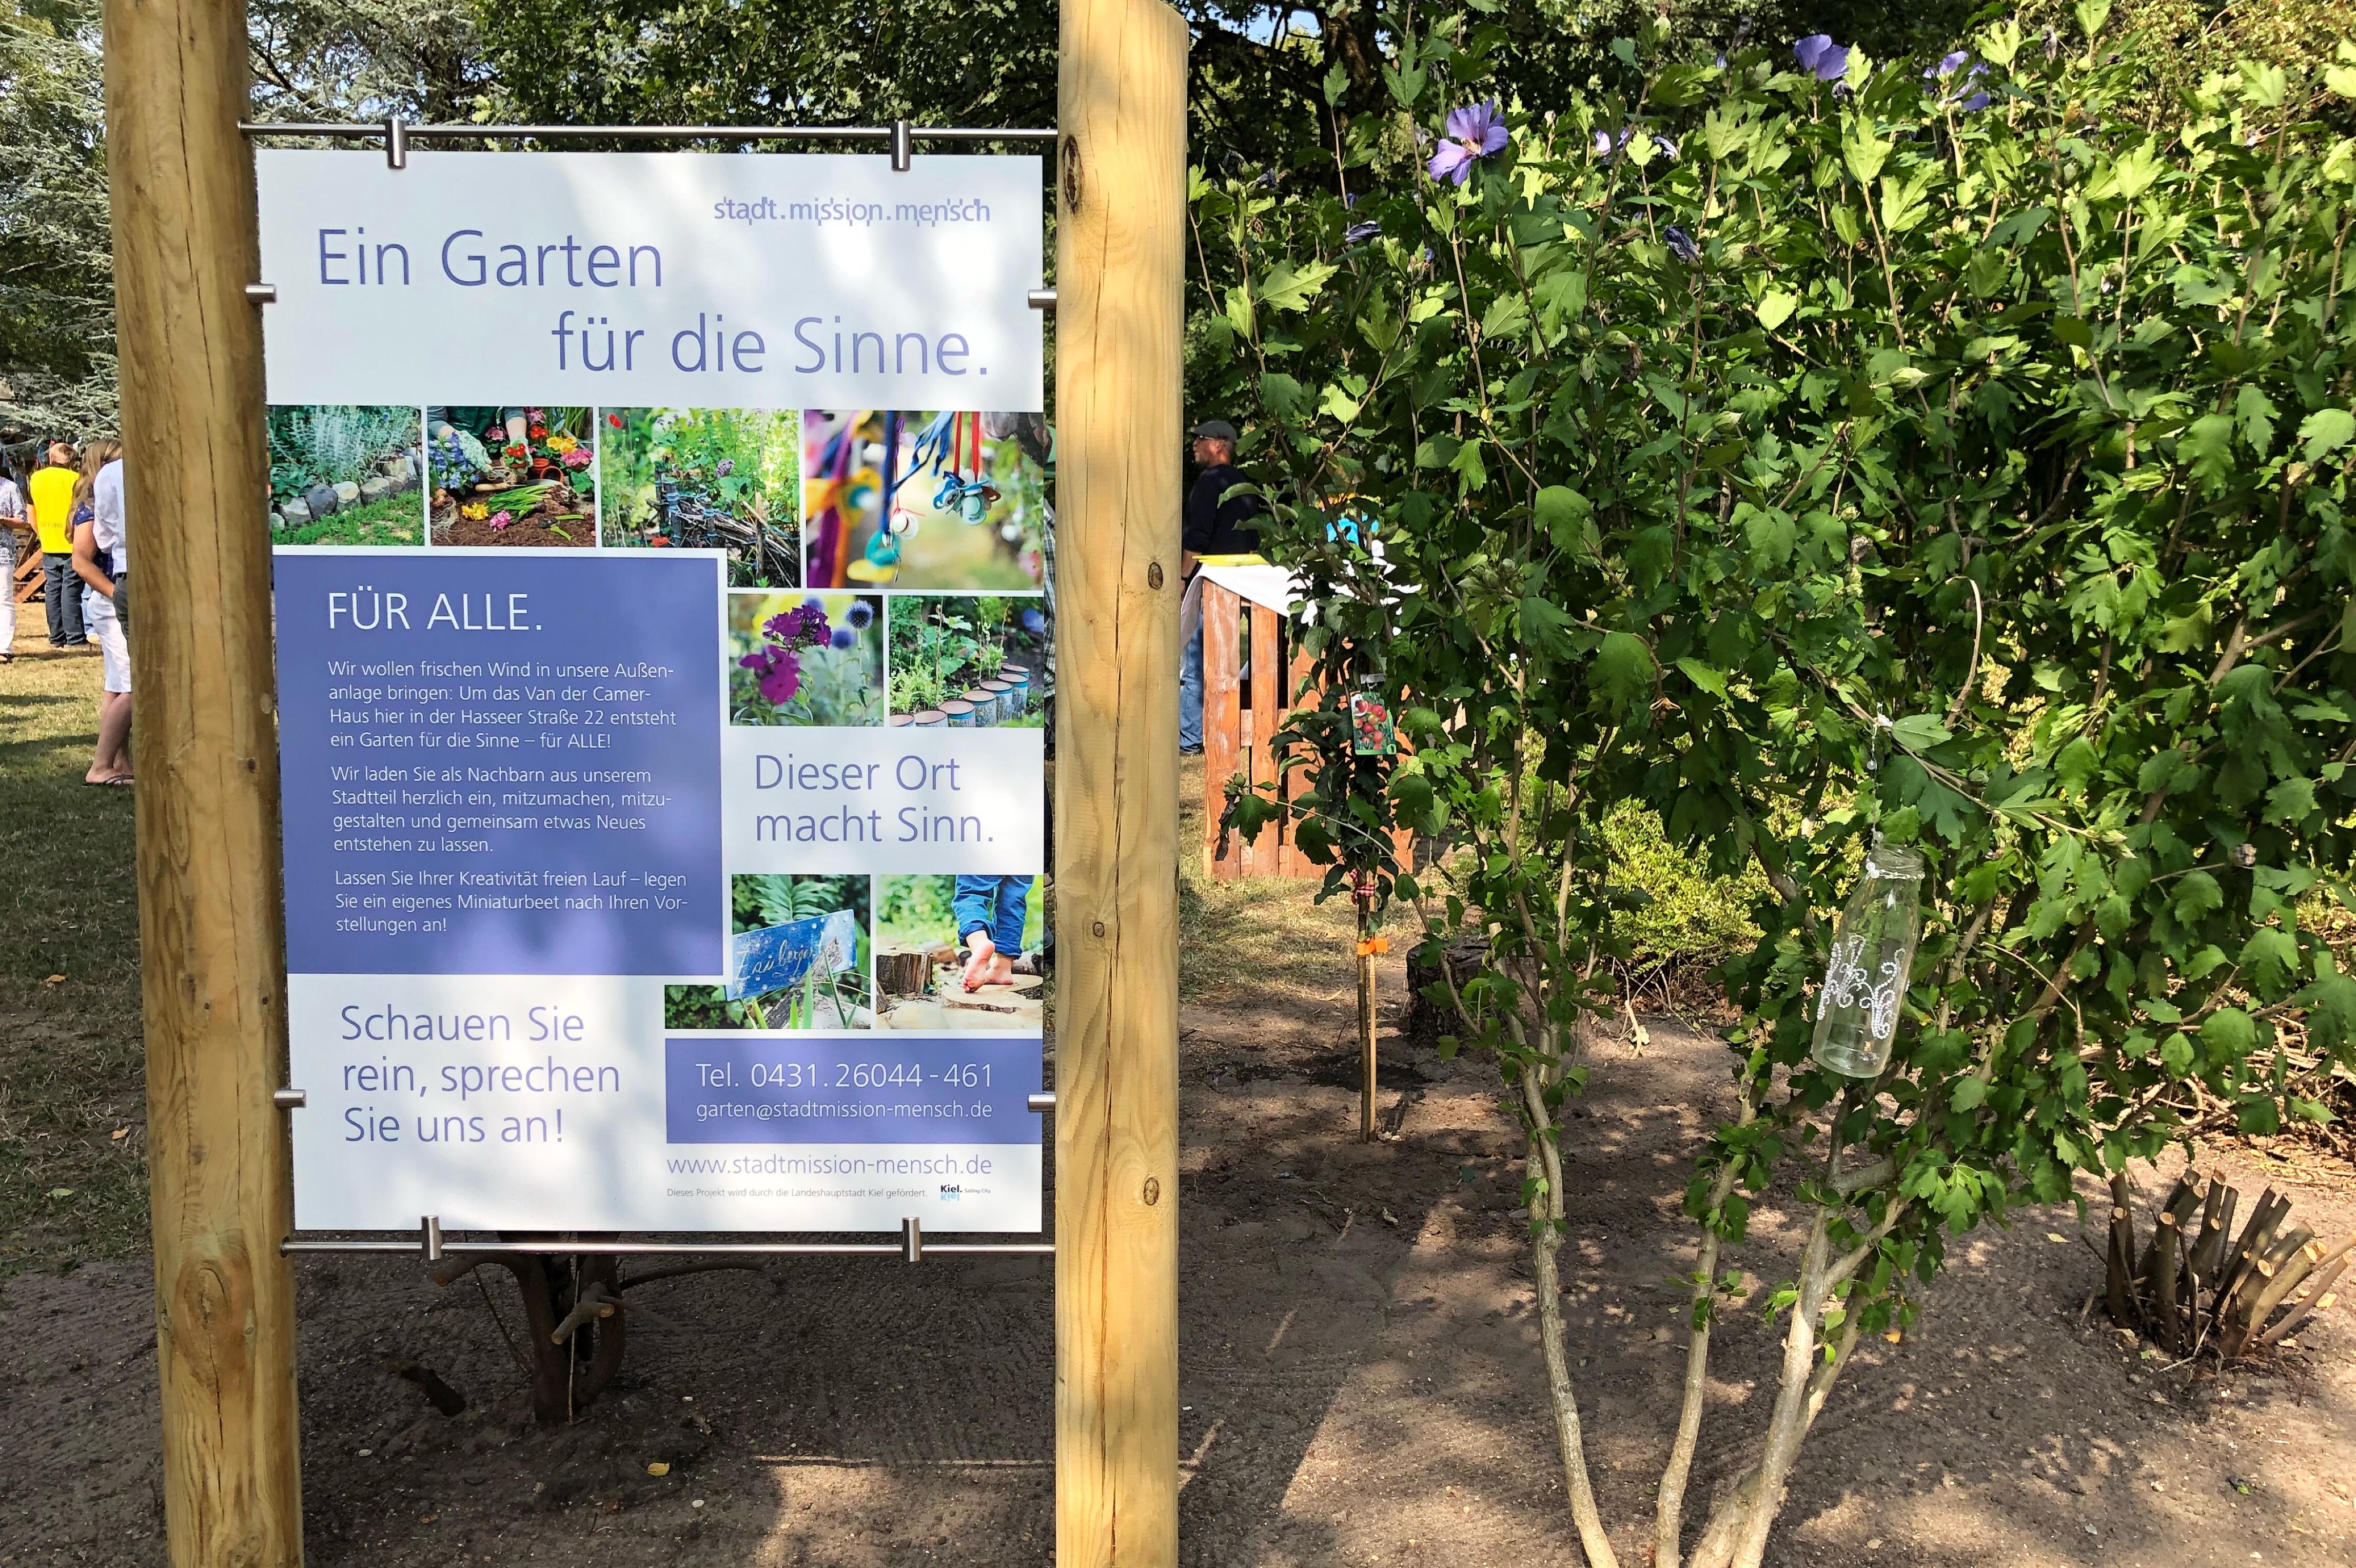 Ein Garten Für Die Sinne Mitten In Hassee Philip Schüller